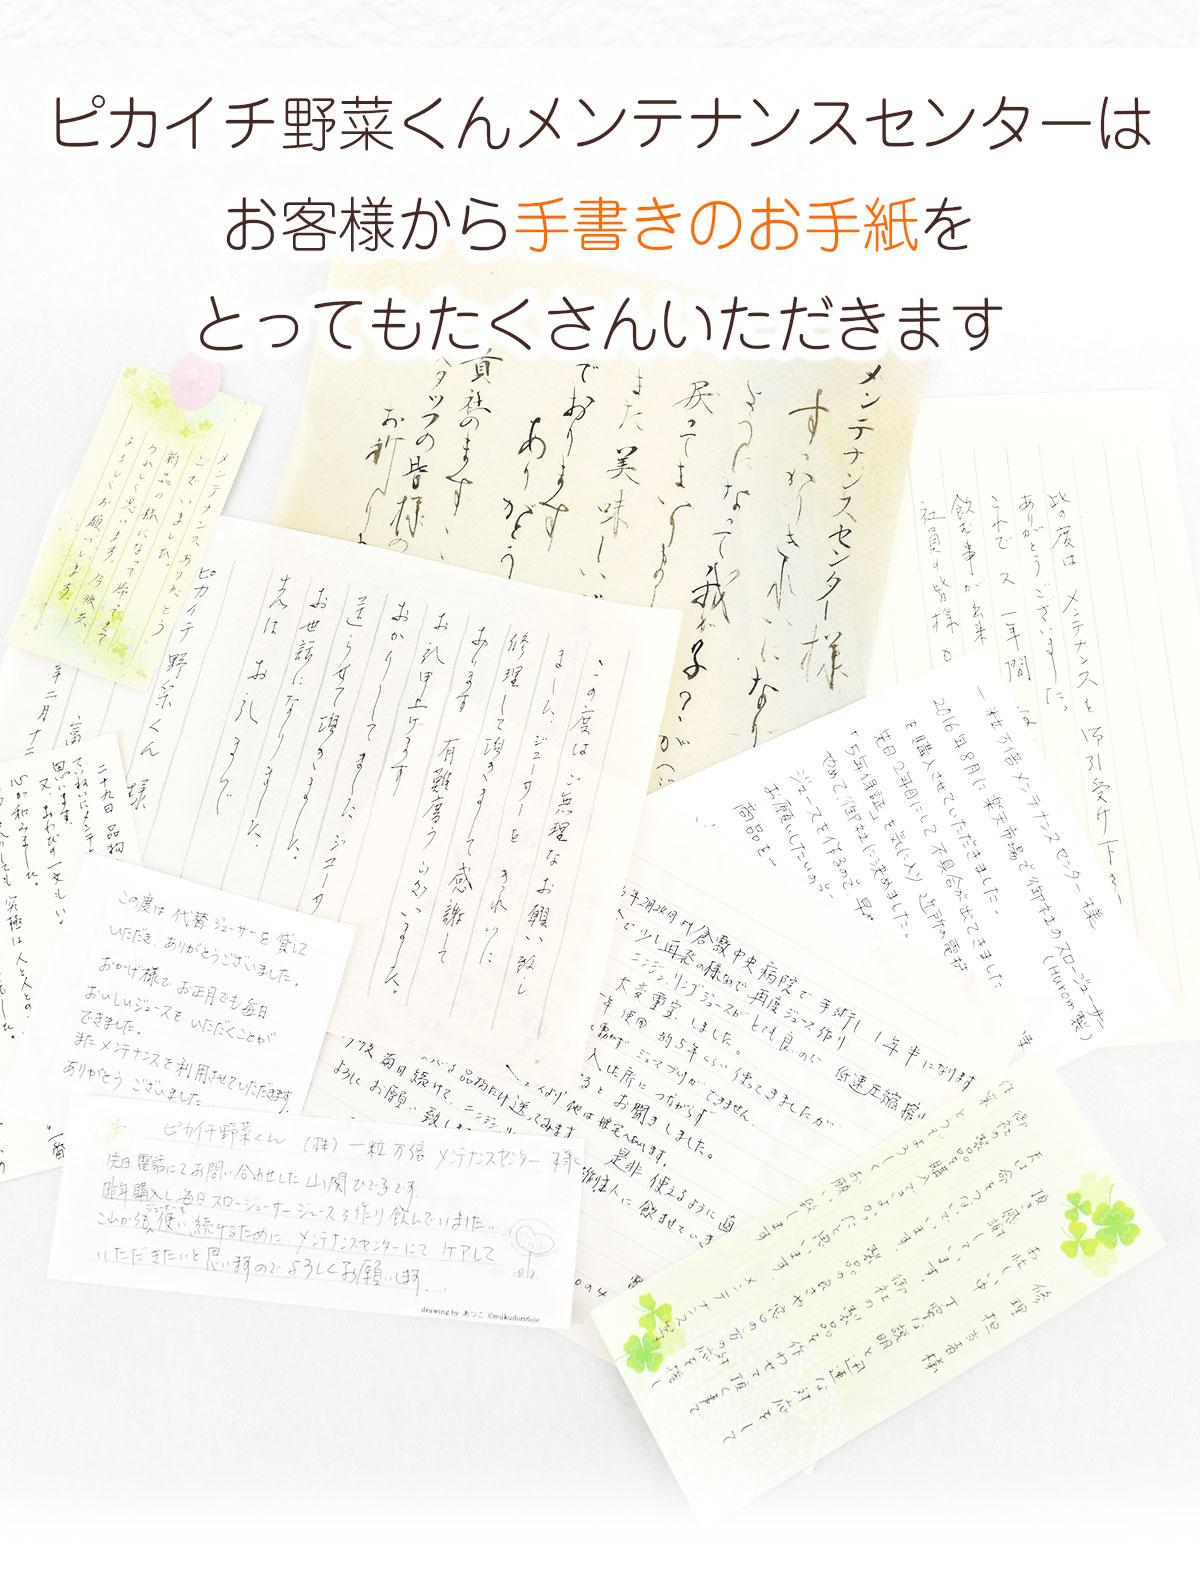 ピカイチ野菜くんメンテナンスセンターはお客様から手書きのお手紙をとってもたくさんいただきます